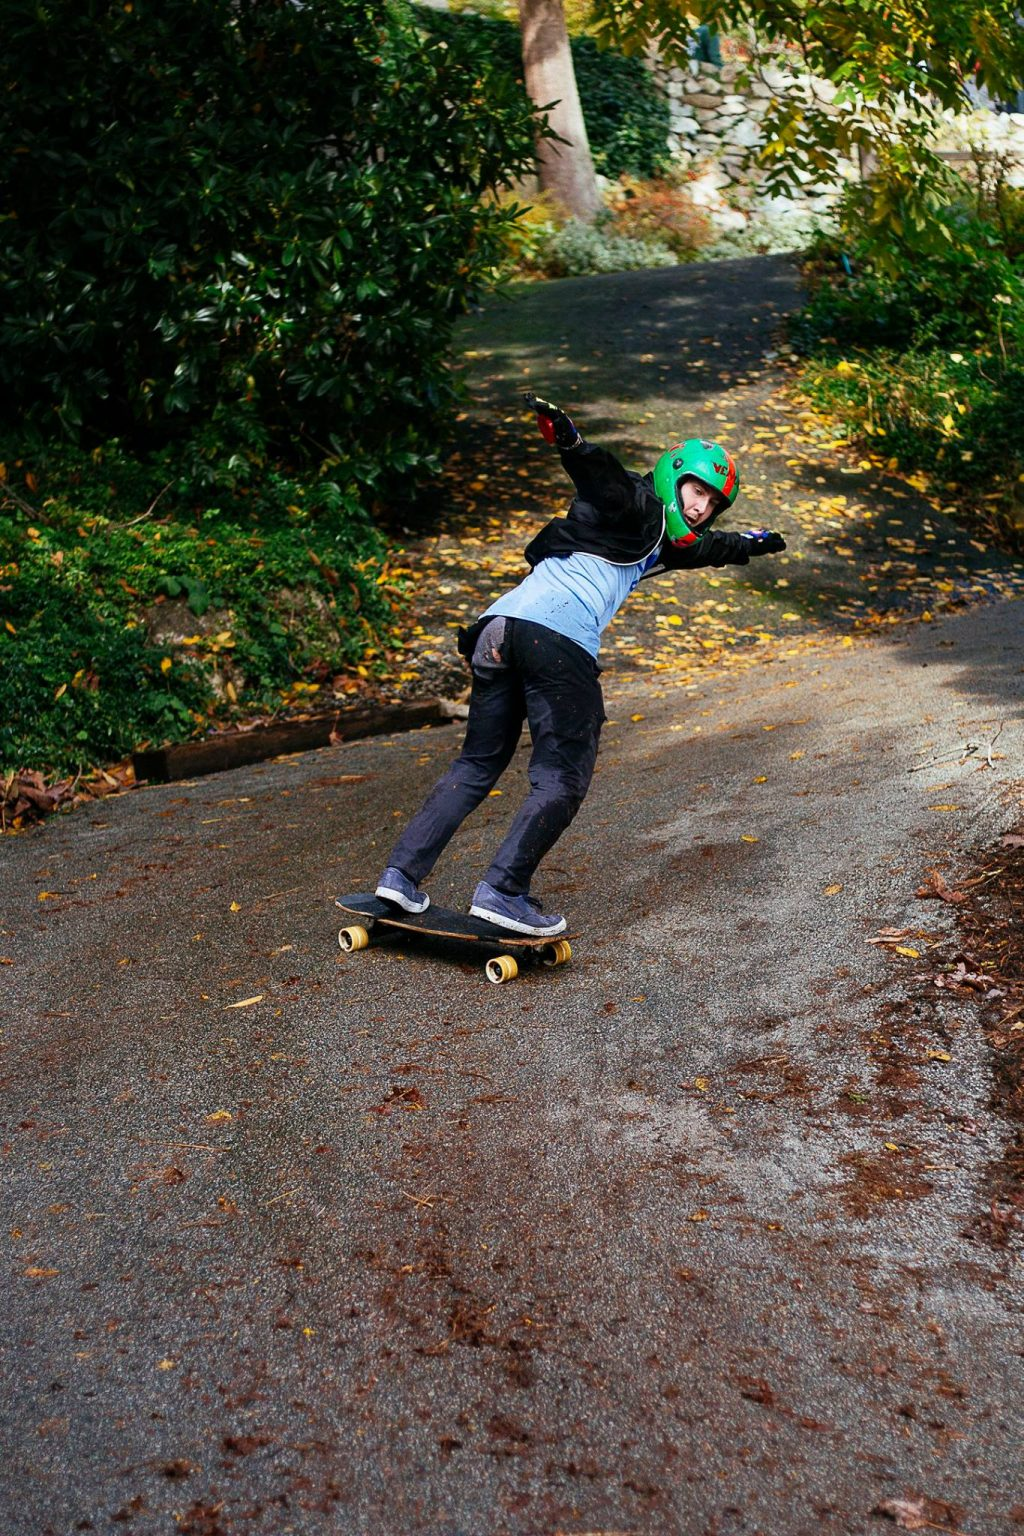 51-sam-galus-flatspot-longboards-valhalla-skateboards-higway-jam-highwayjamx-sho-ouellette-sho-stopper-longboarding